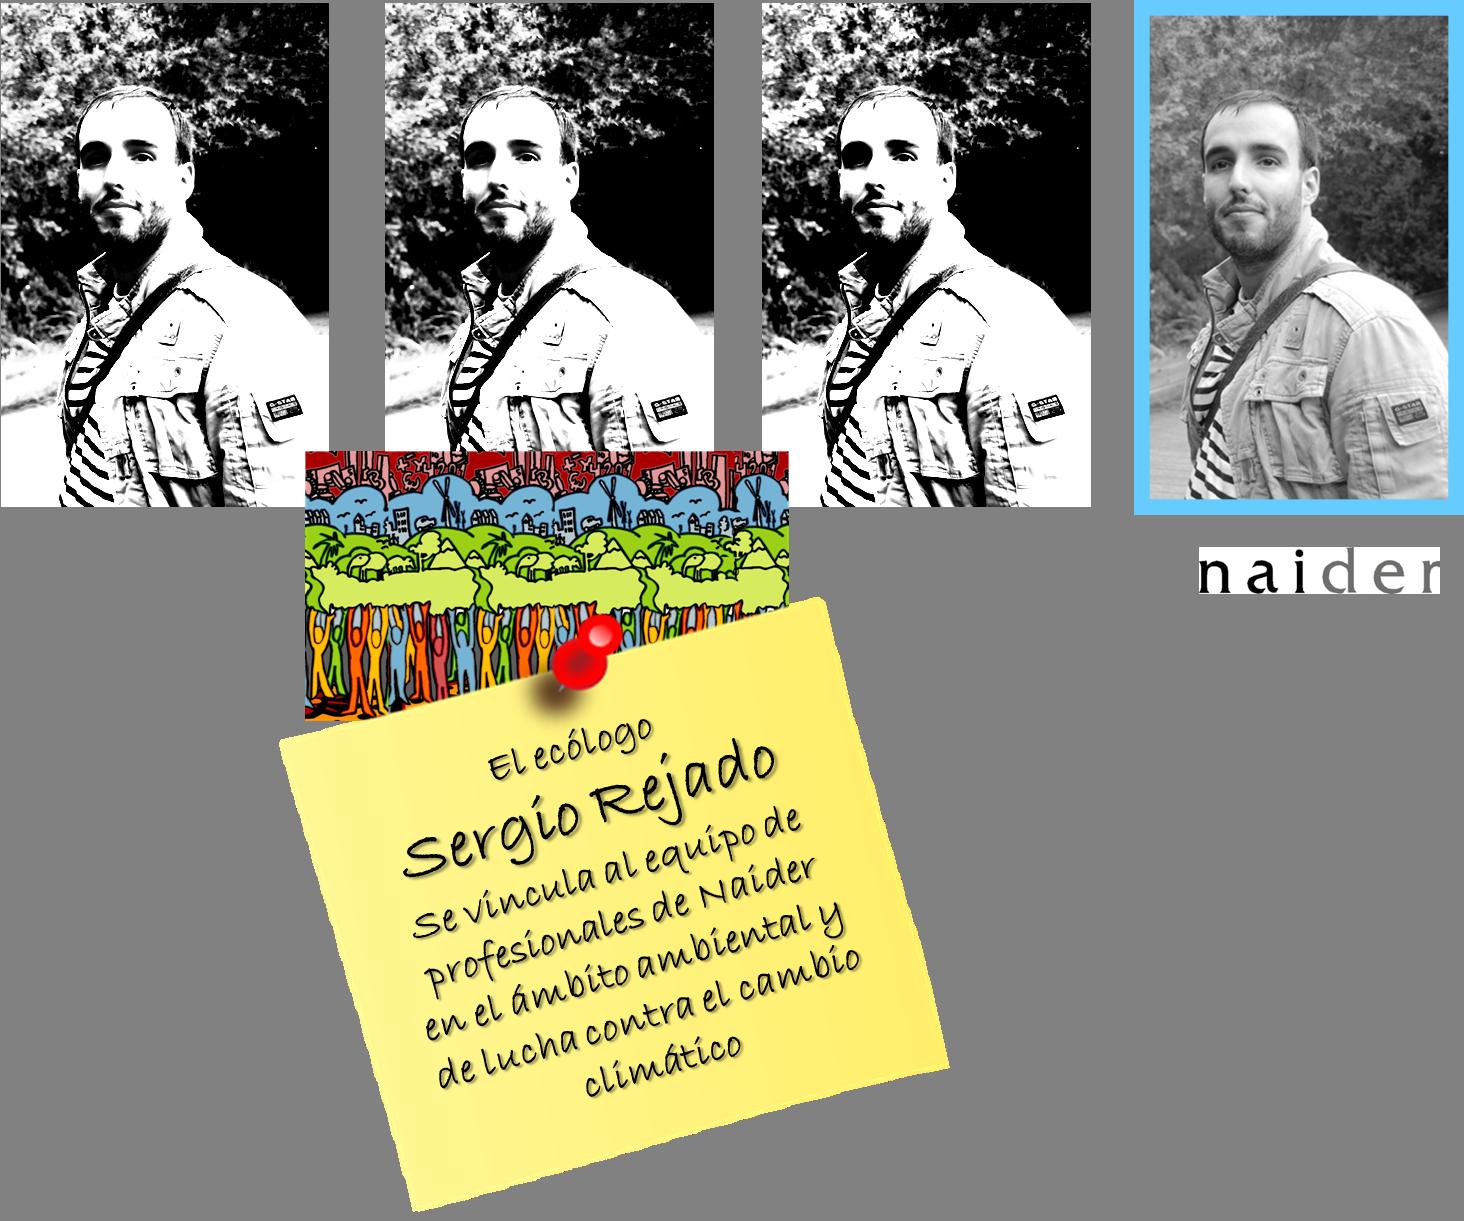 Sergio Rejado